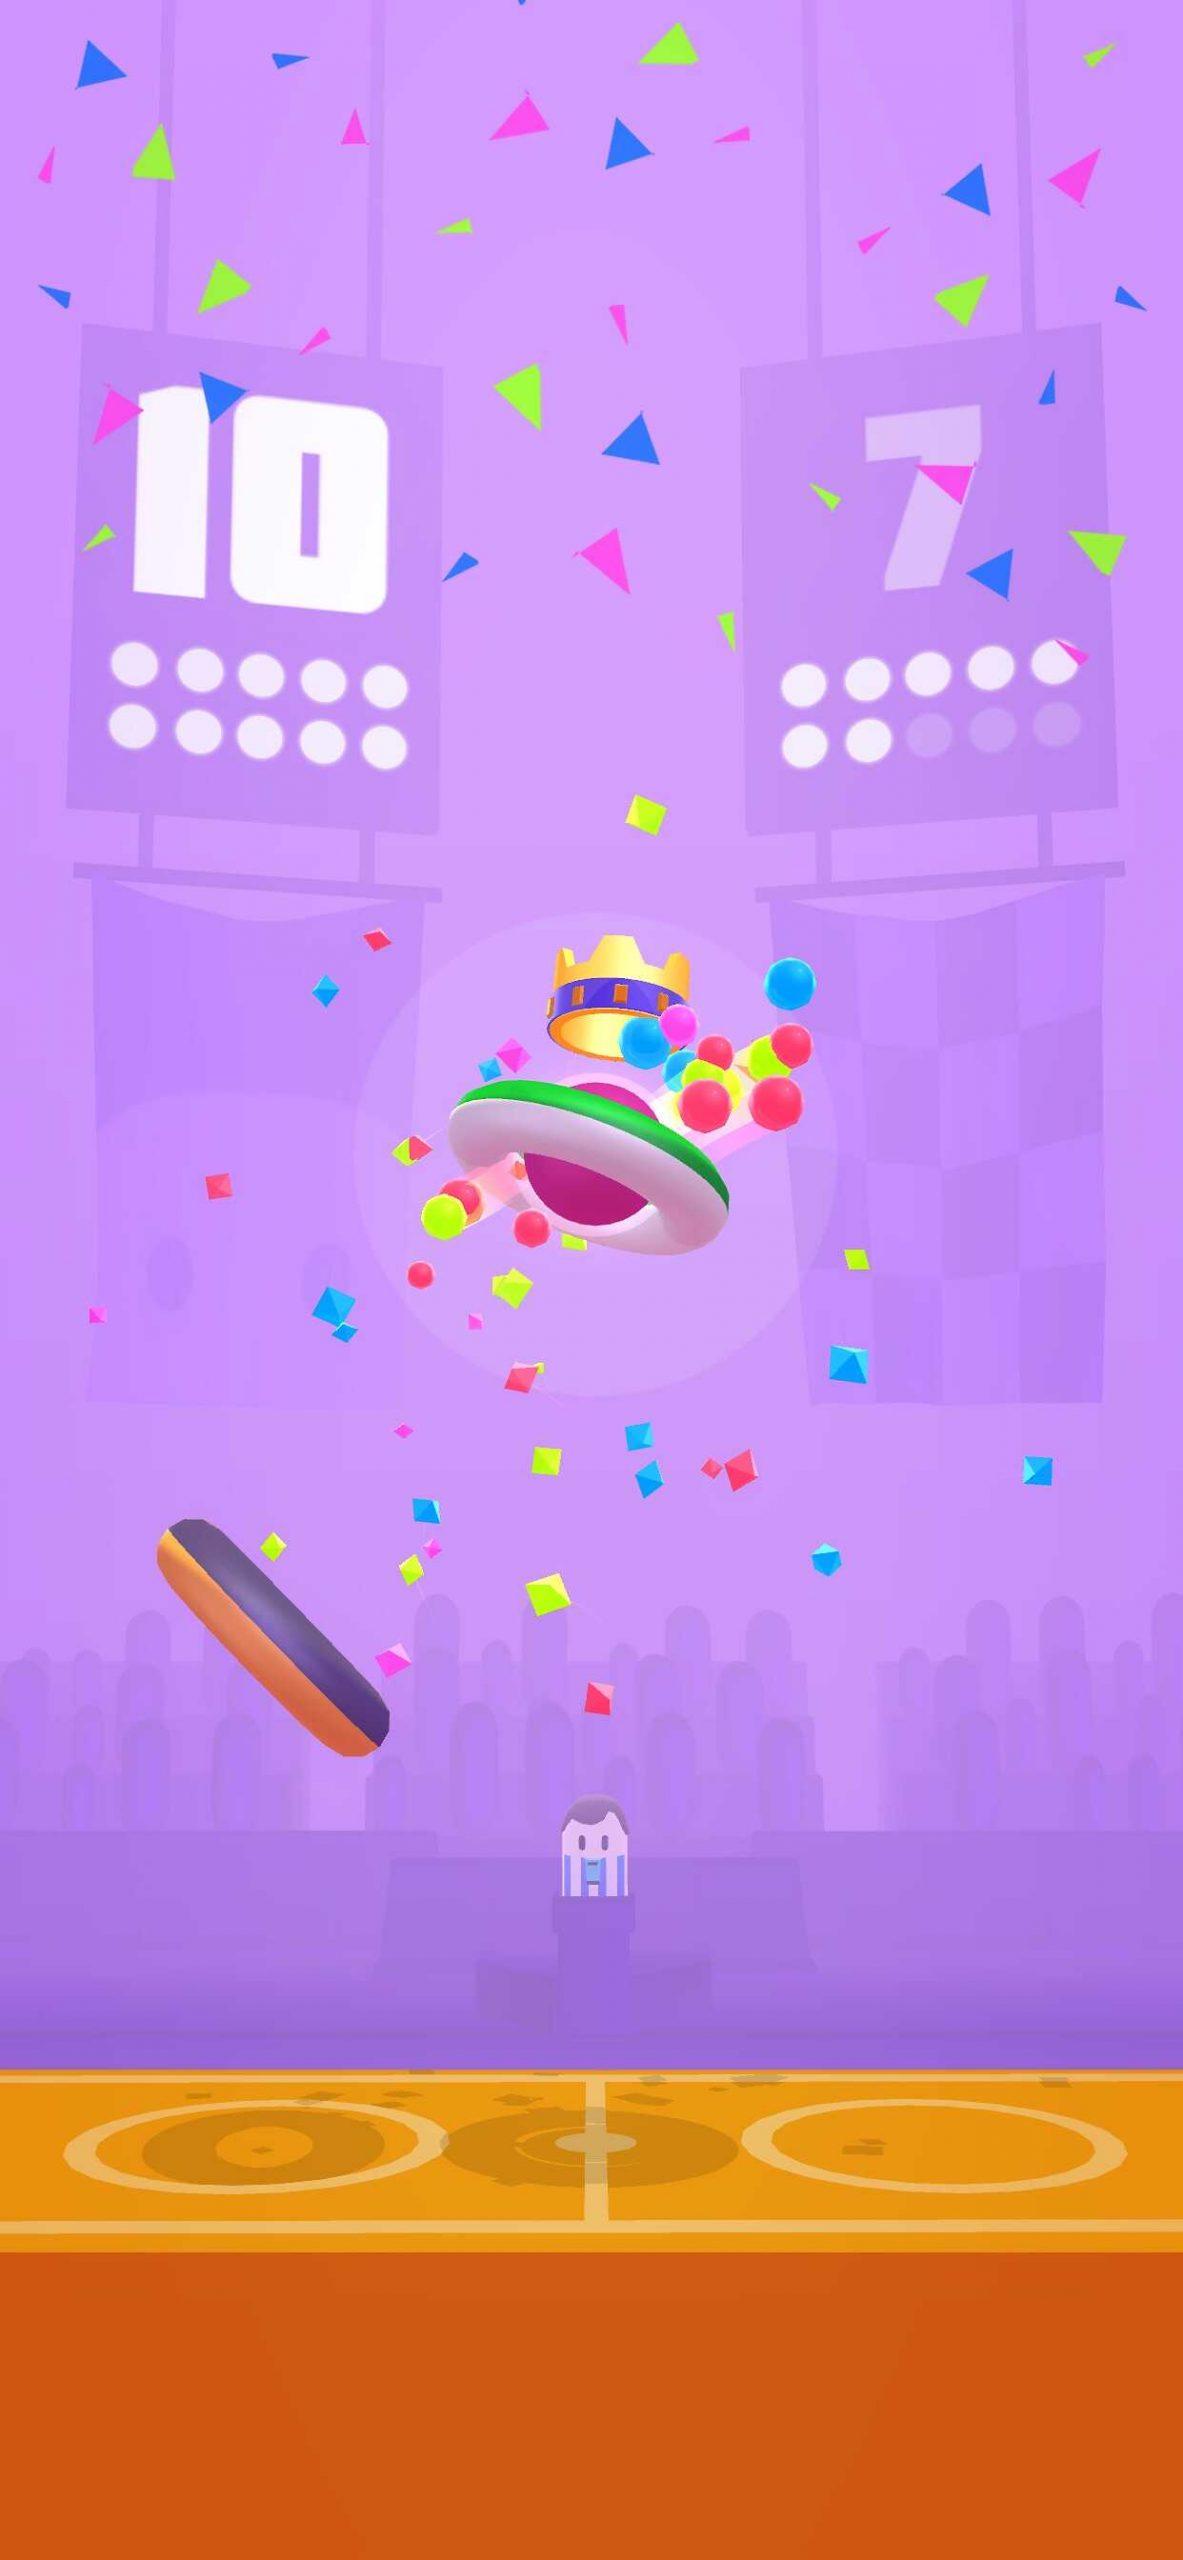 面白そうなHoop Starsを徹底レビュー!ハイパーカジュアルゲームとしての評価とは?